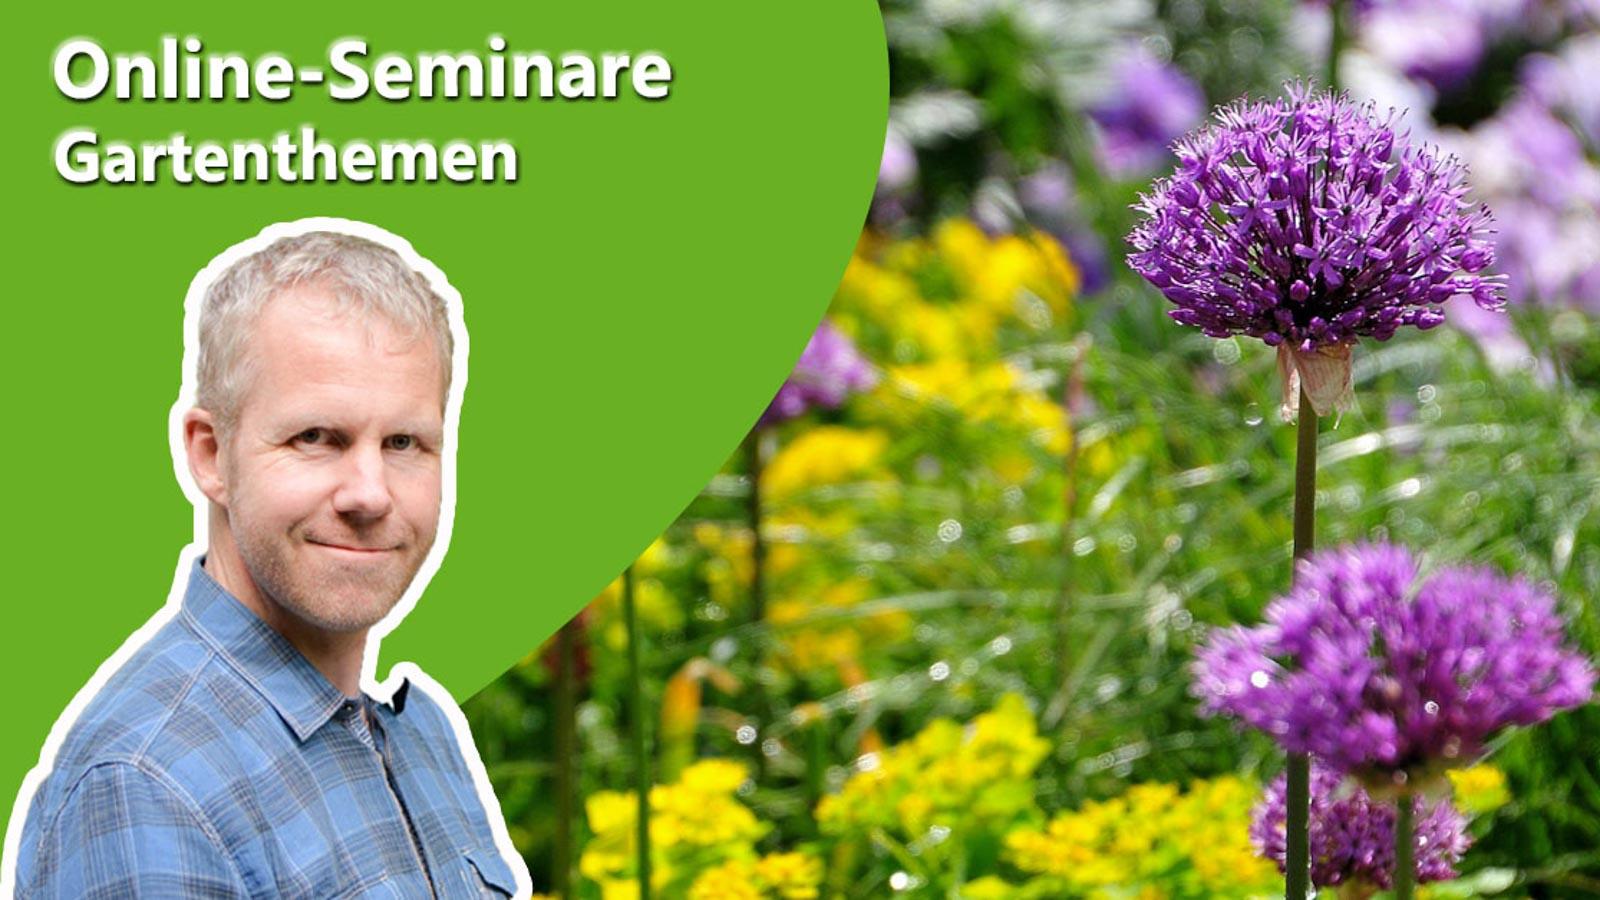 Gartenberater Philippe Dahlmann auf Bild mit einem Zierlauch zu Online-Seminaren des Verband Wohneigentum.